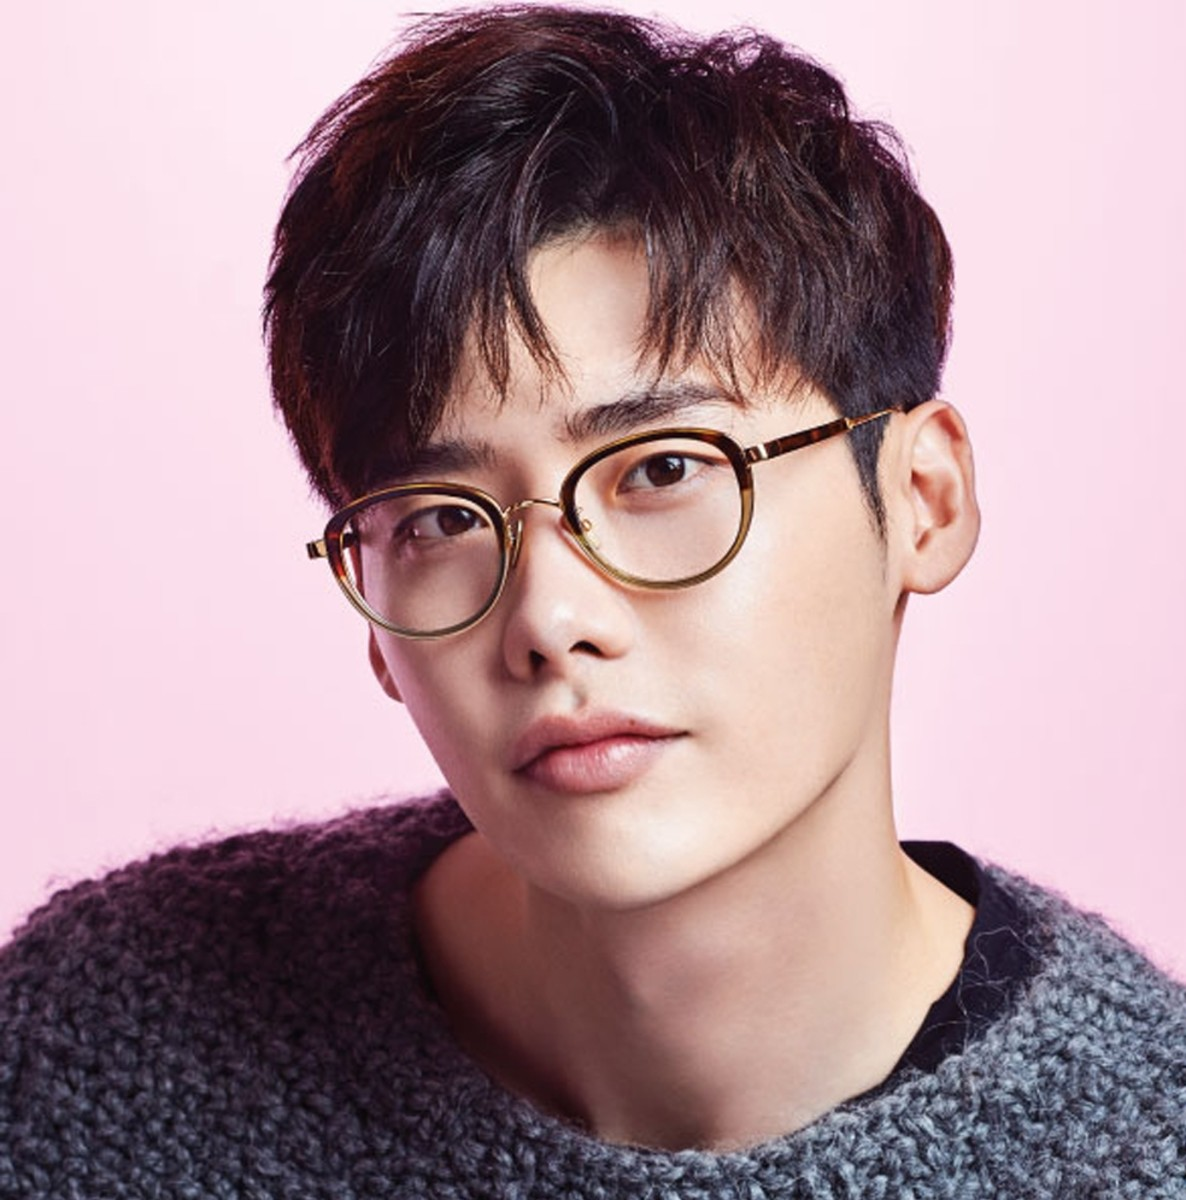 Top 10 Most Popular and Handsome Korean Drama Actors | ReelRundown